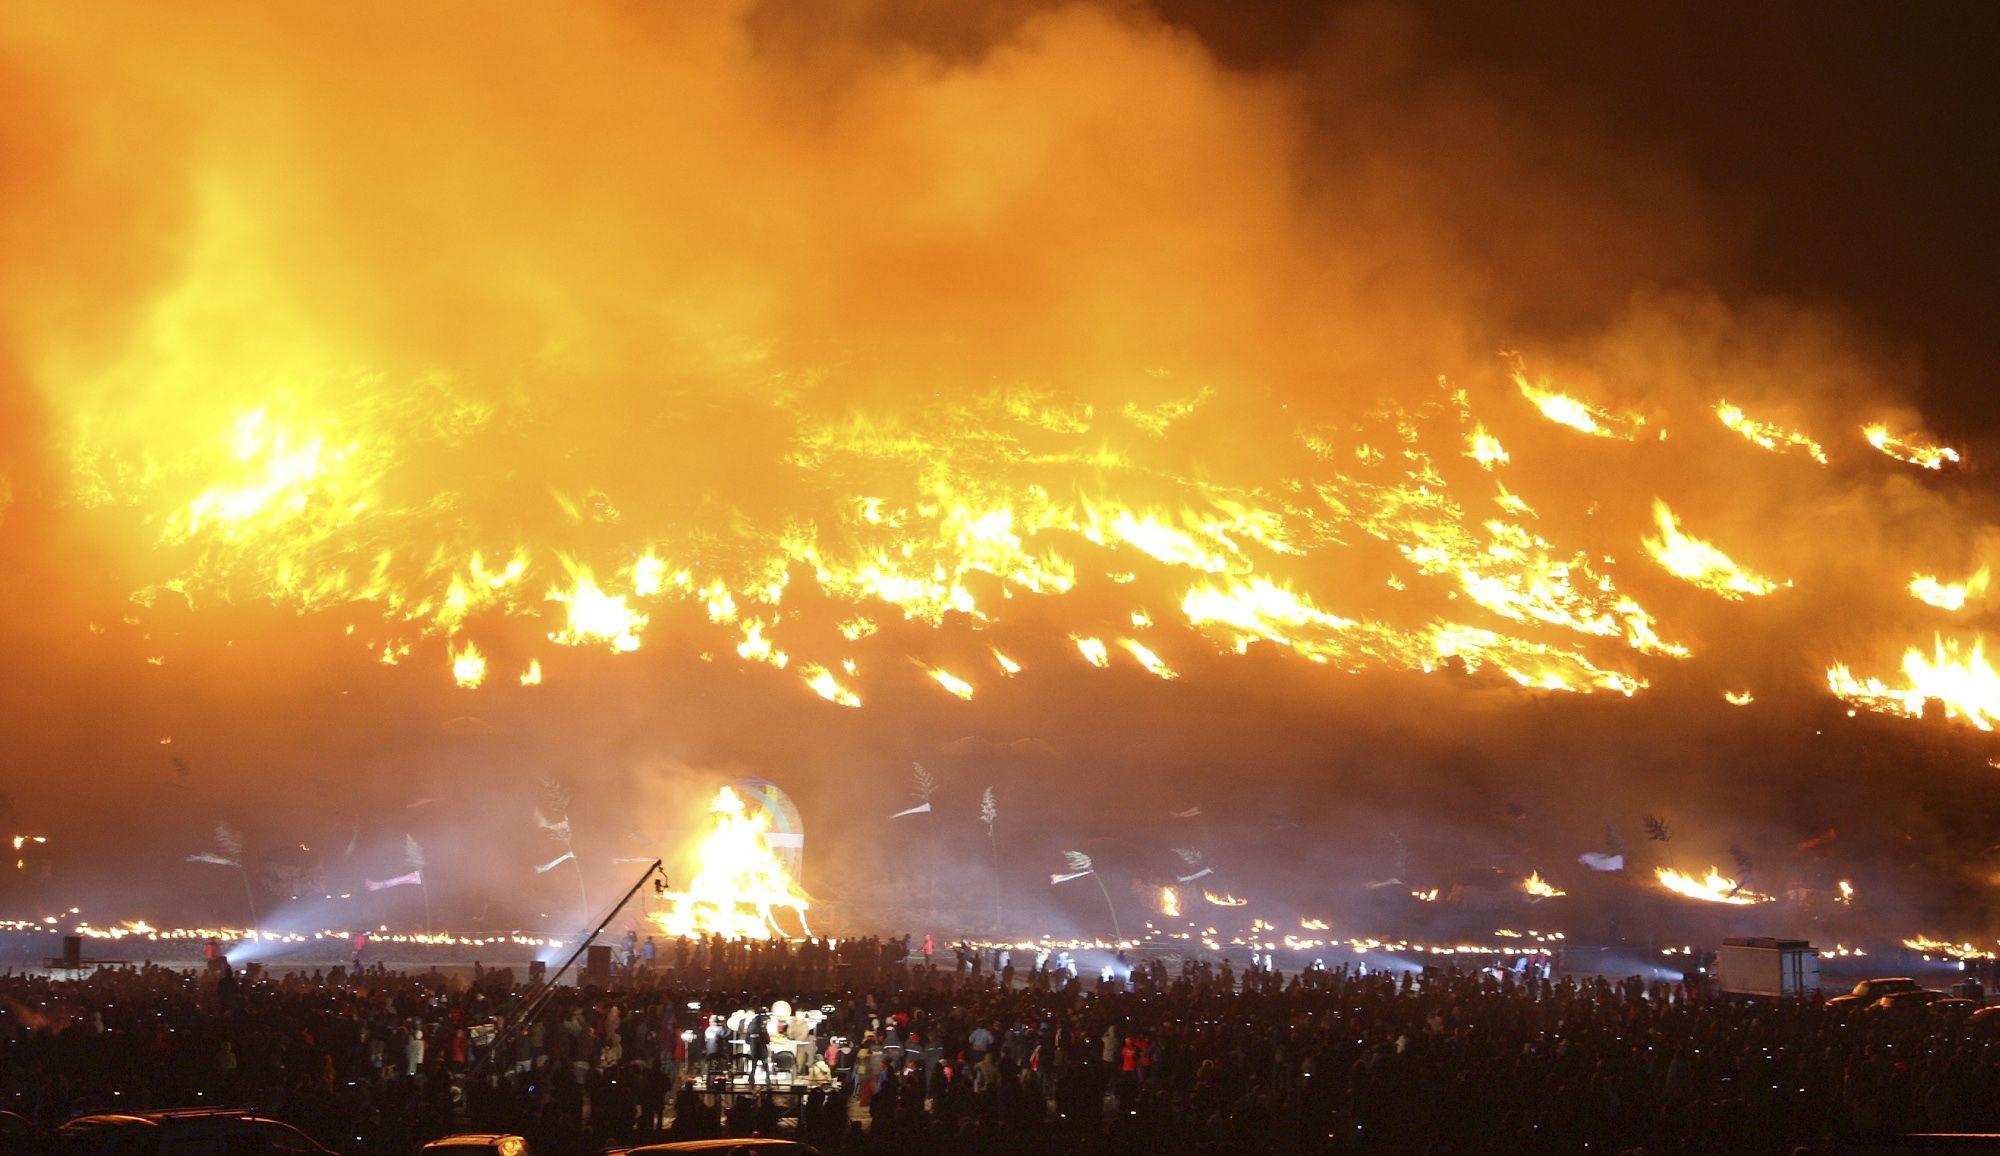 كوريا الجنوبية.. حريق يتسبب في تدمير 530 هكتارا من الغابات وتشريد 800 مواطنا